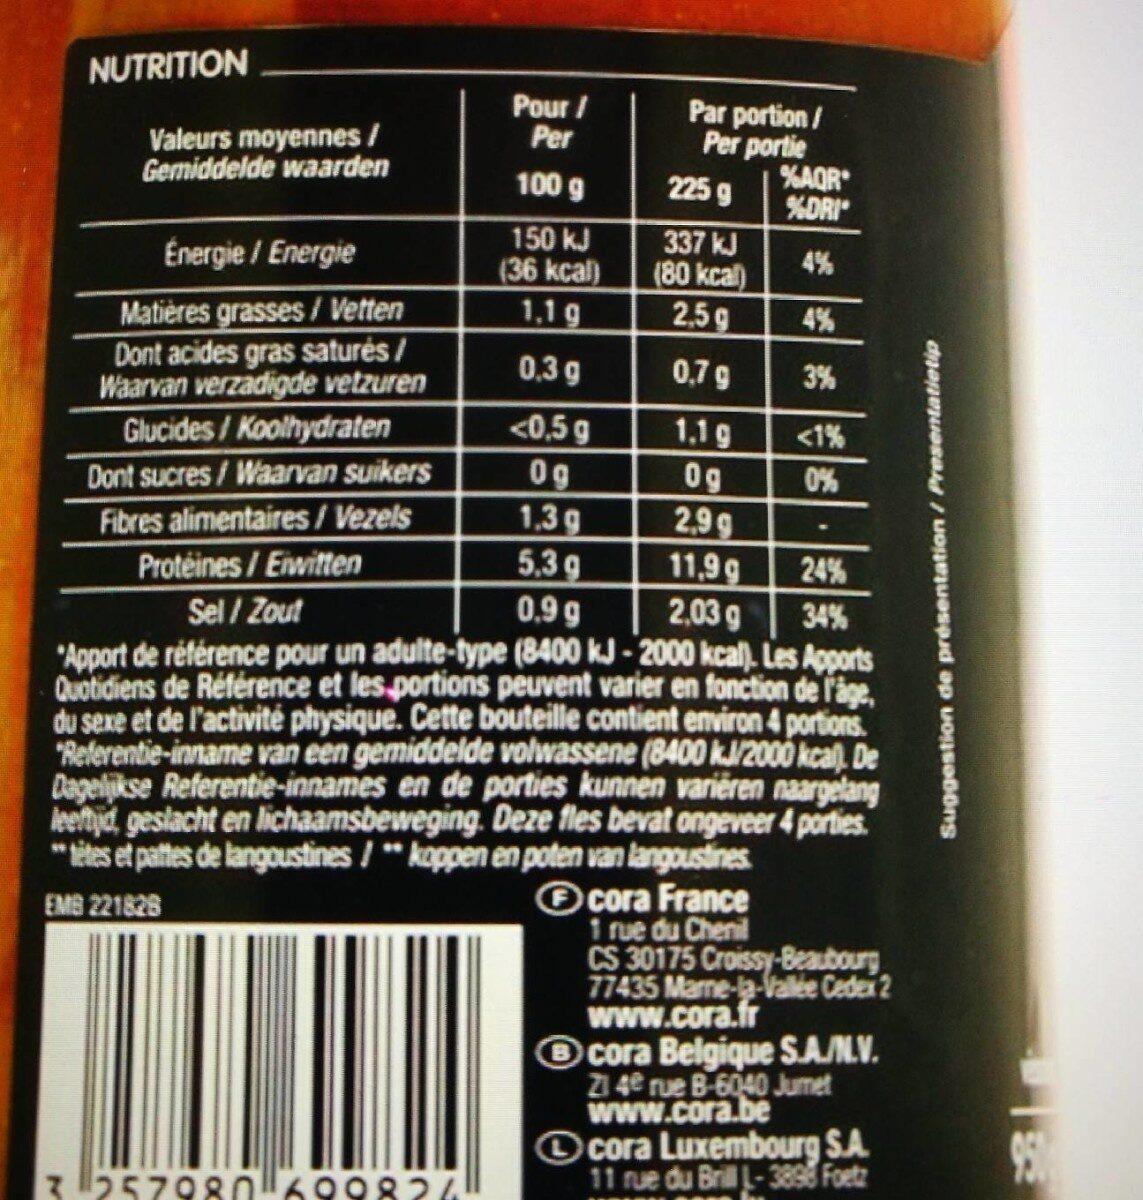 Soupe De Poisson et de langoustines au sel de guerande - Nutrition facts - fr